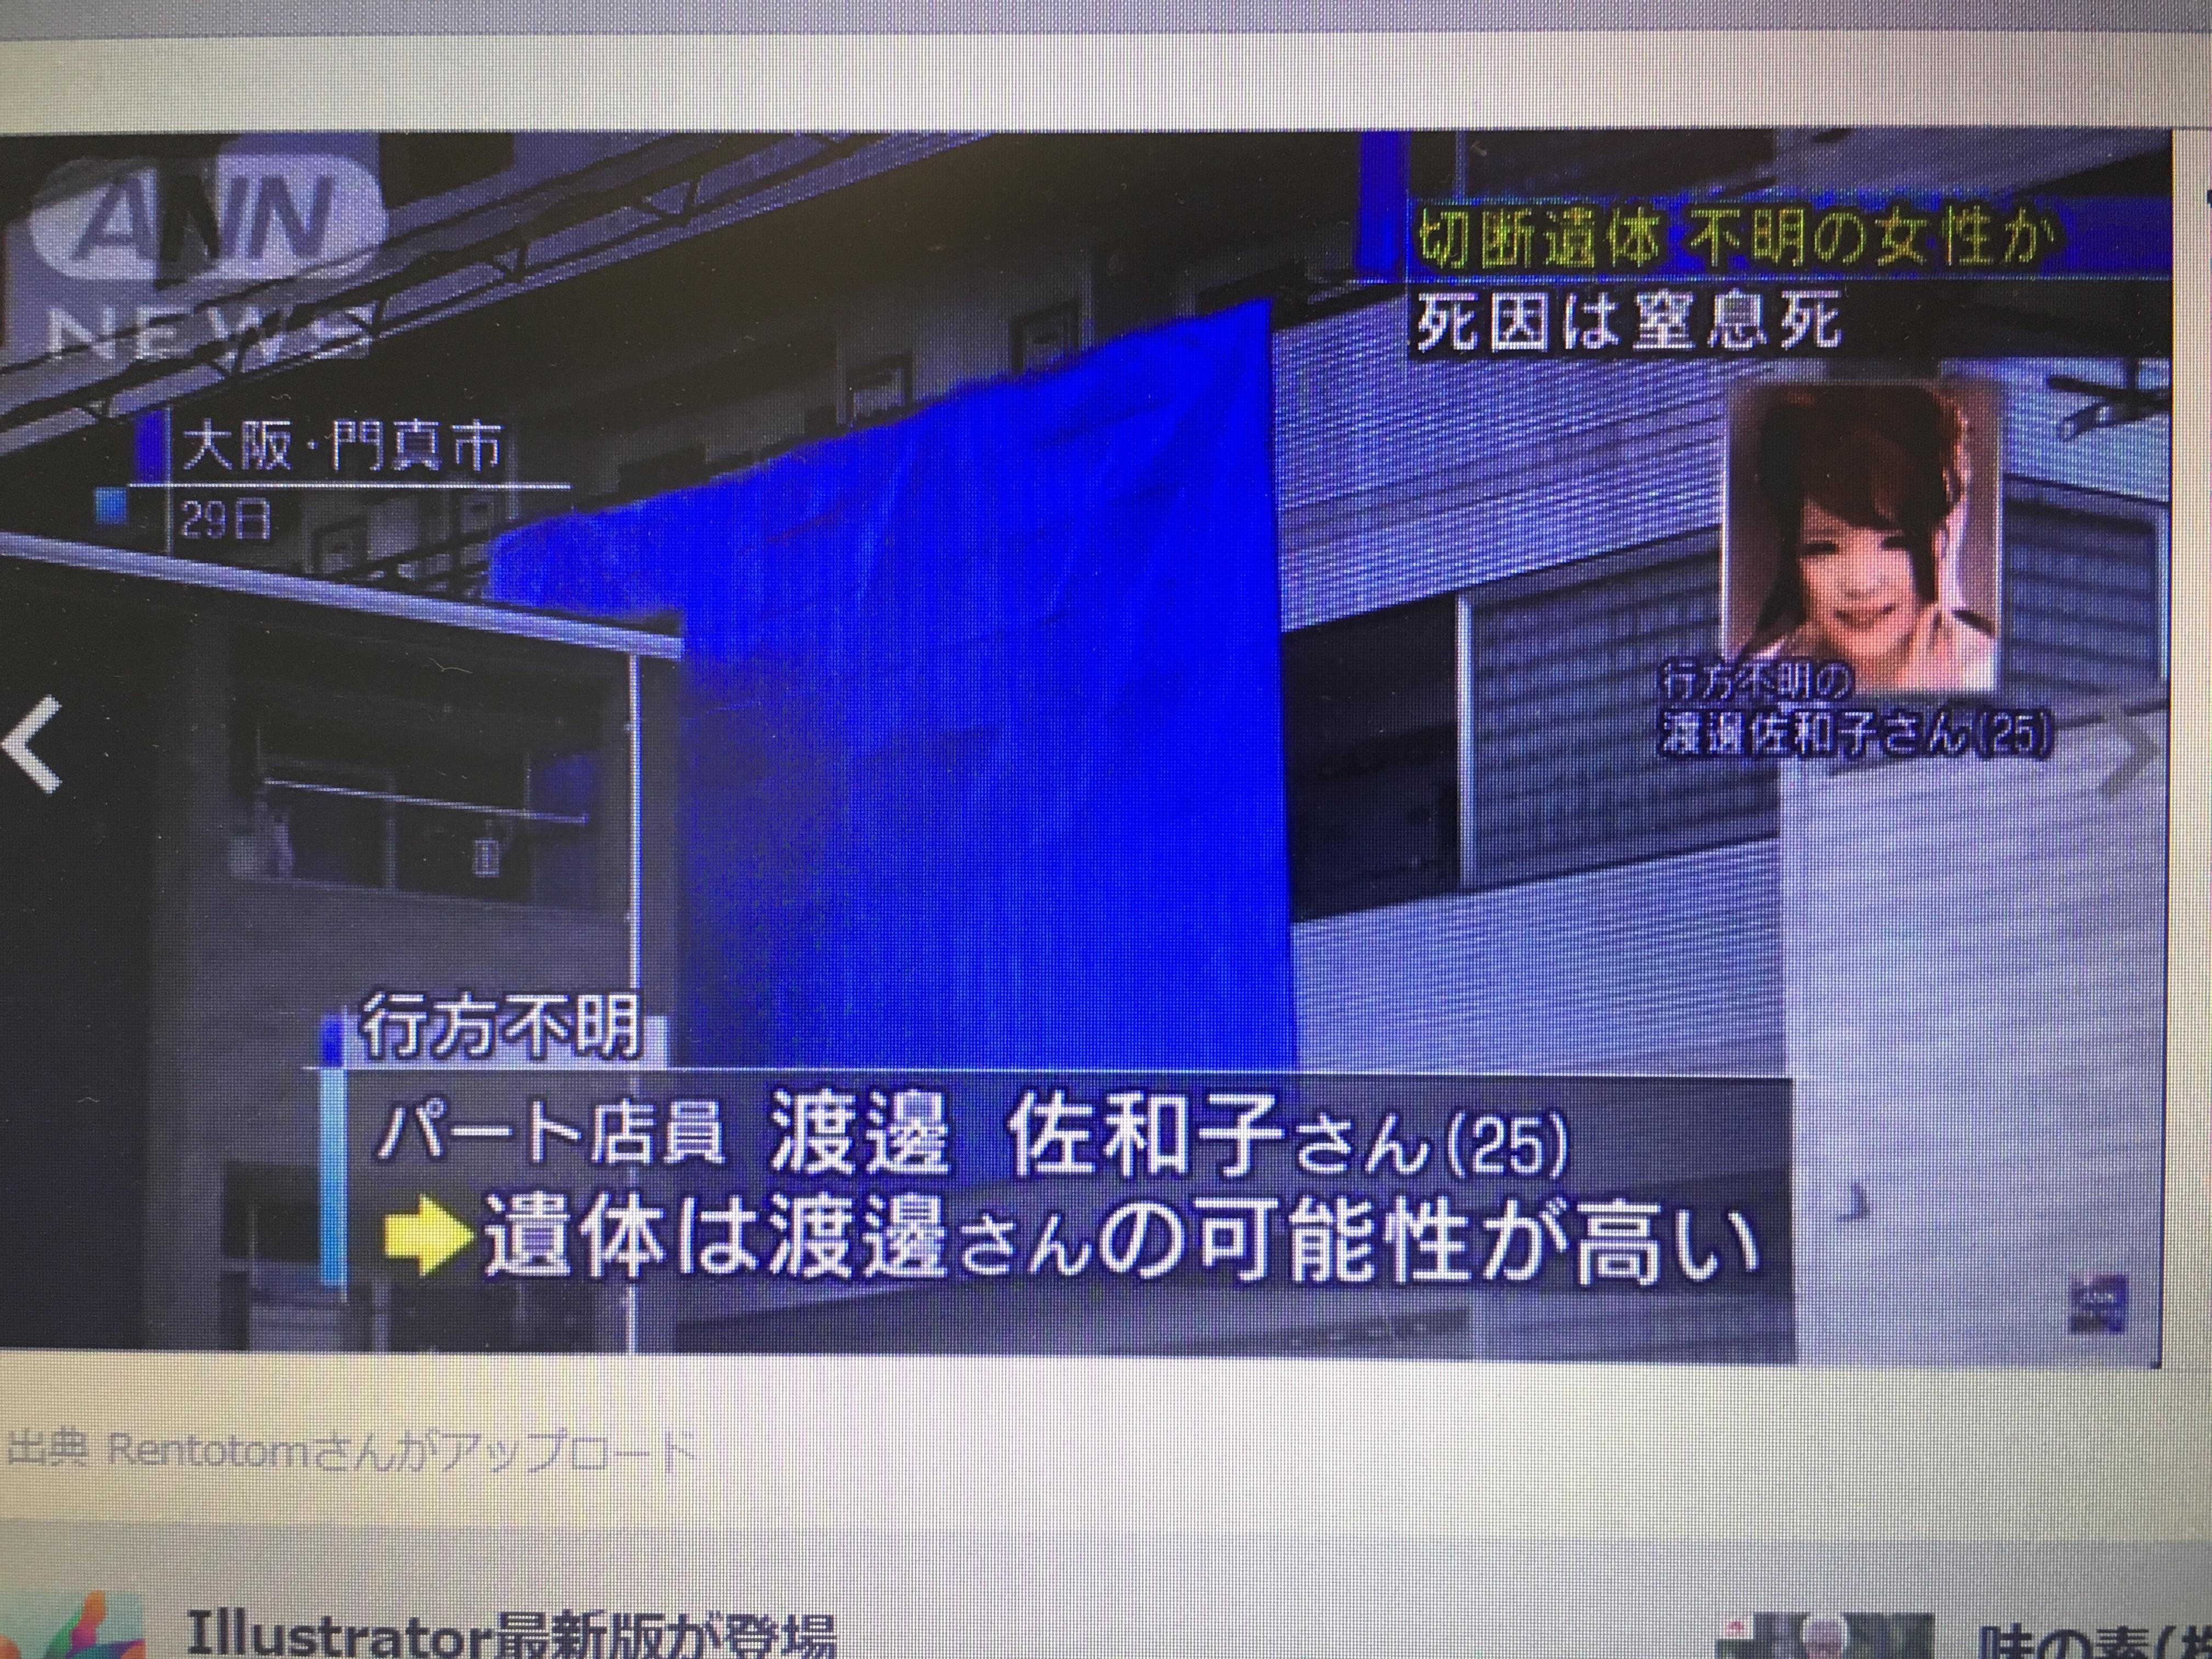 物件 大阪 事故